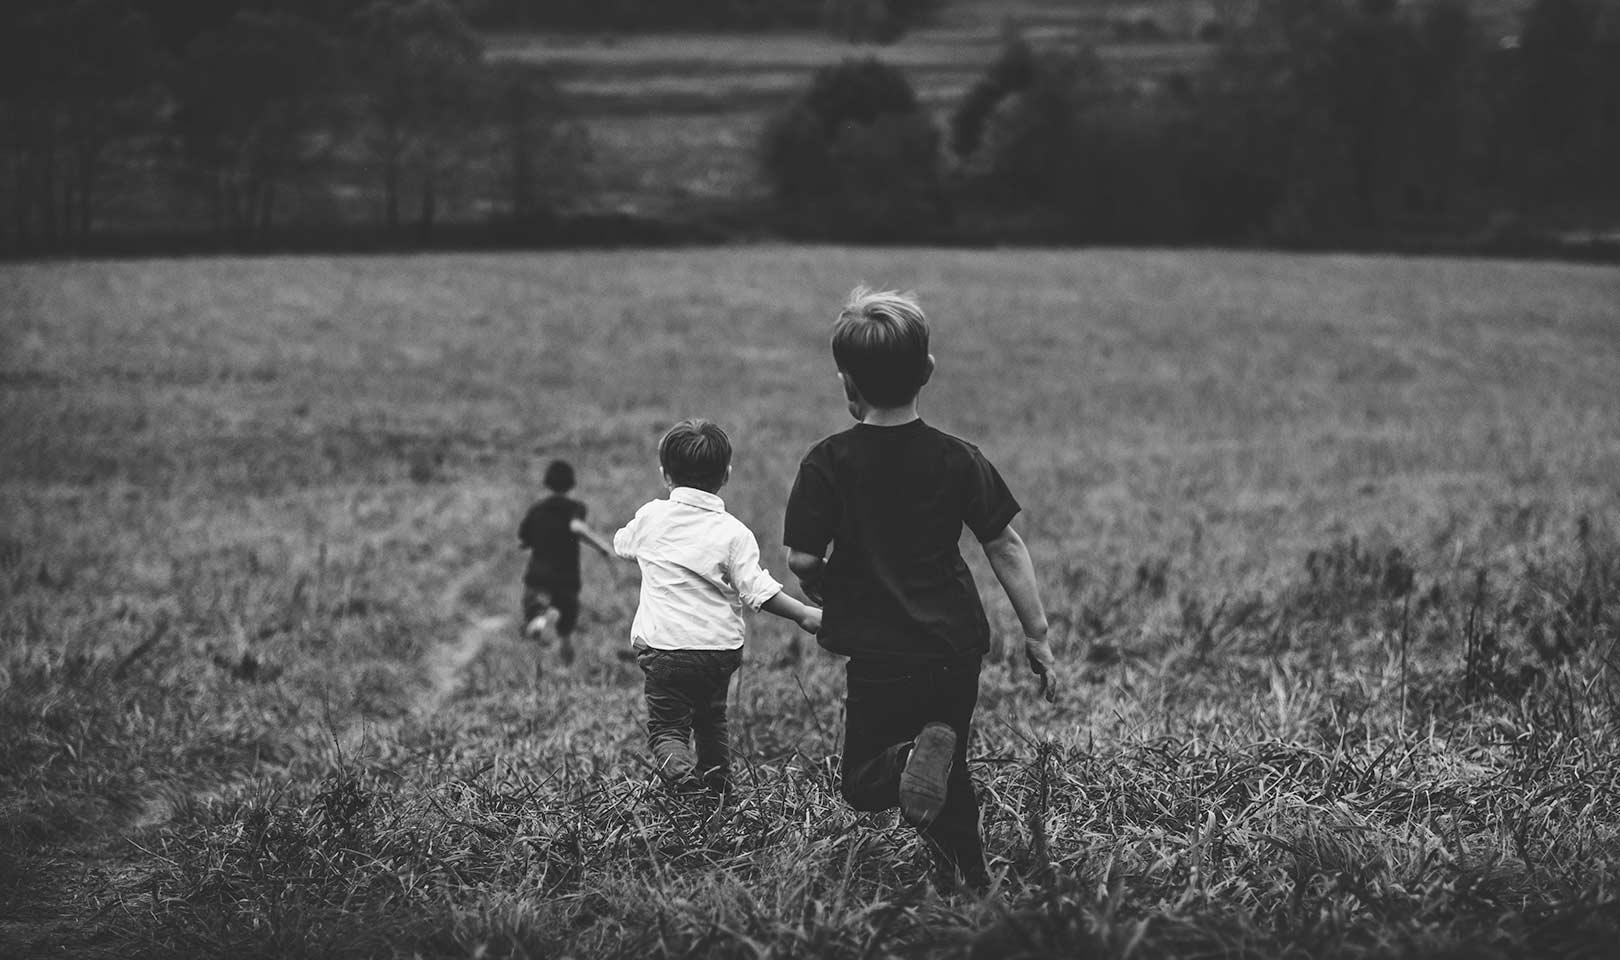 Kids running through a field.